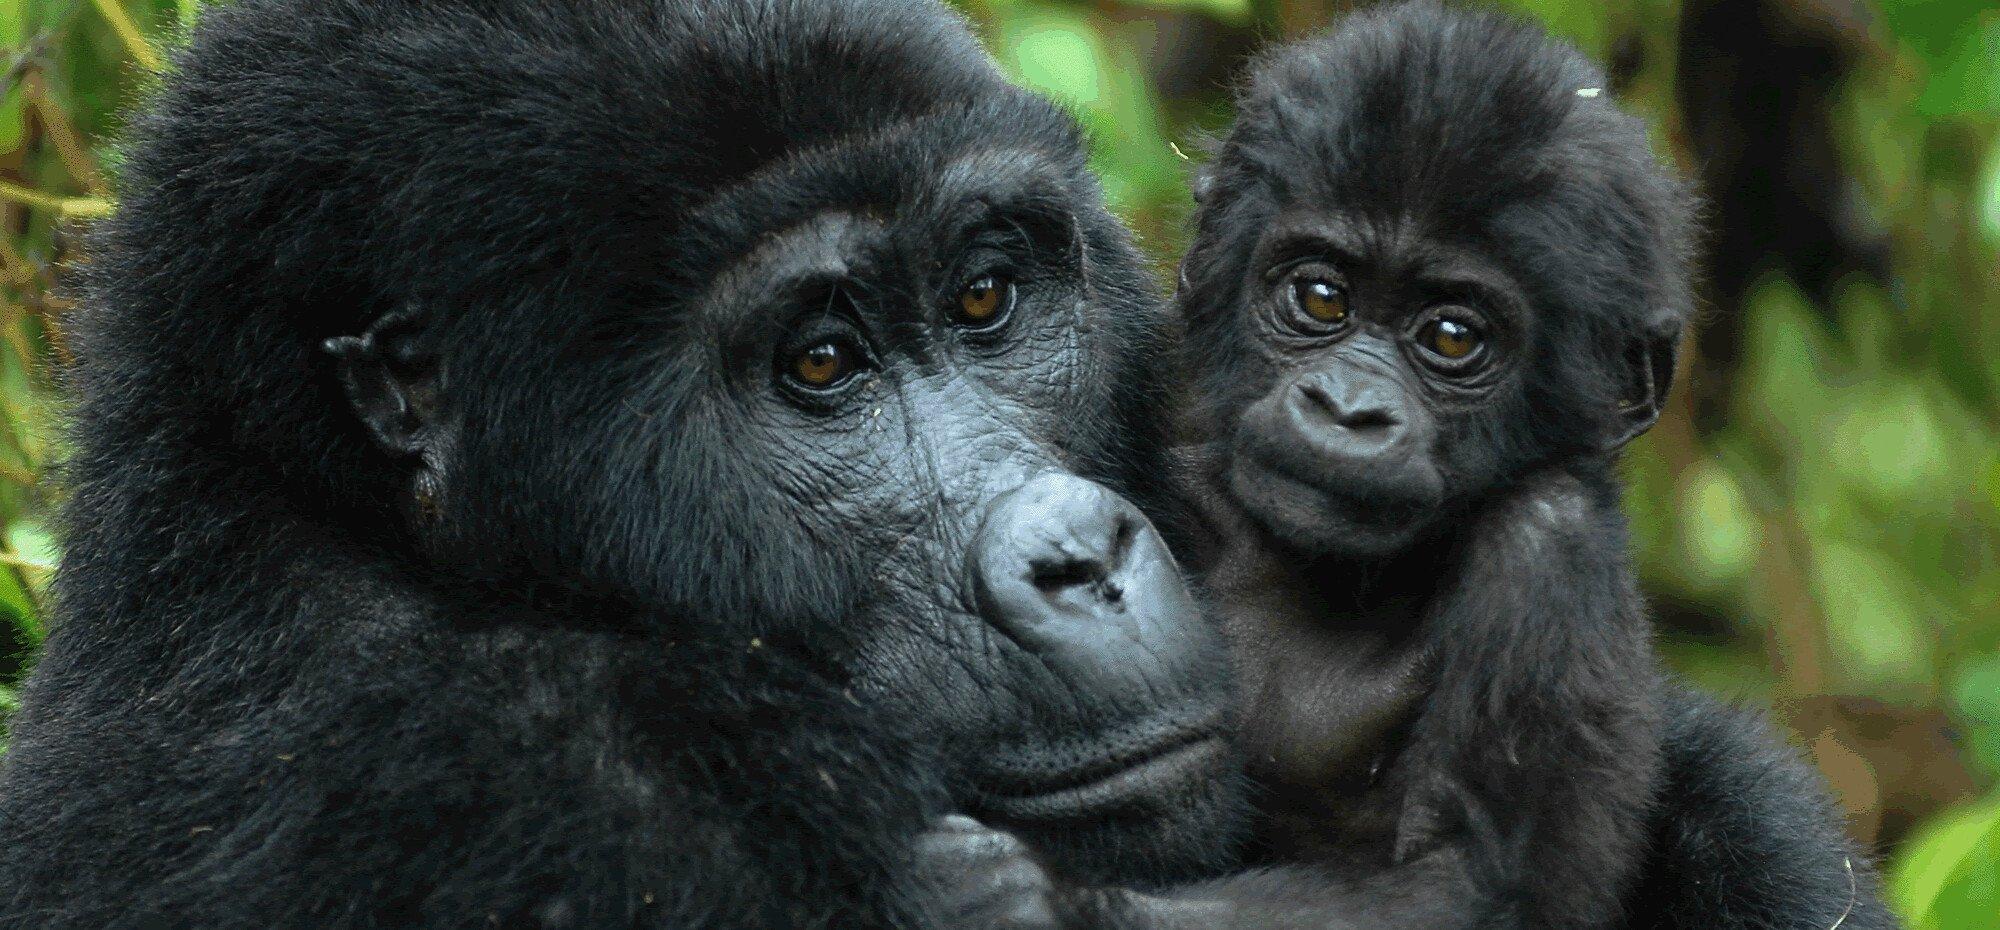 Gorilla Trekking virunga